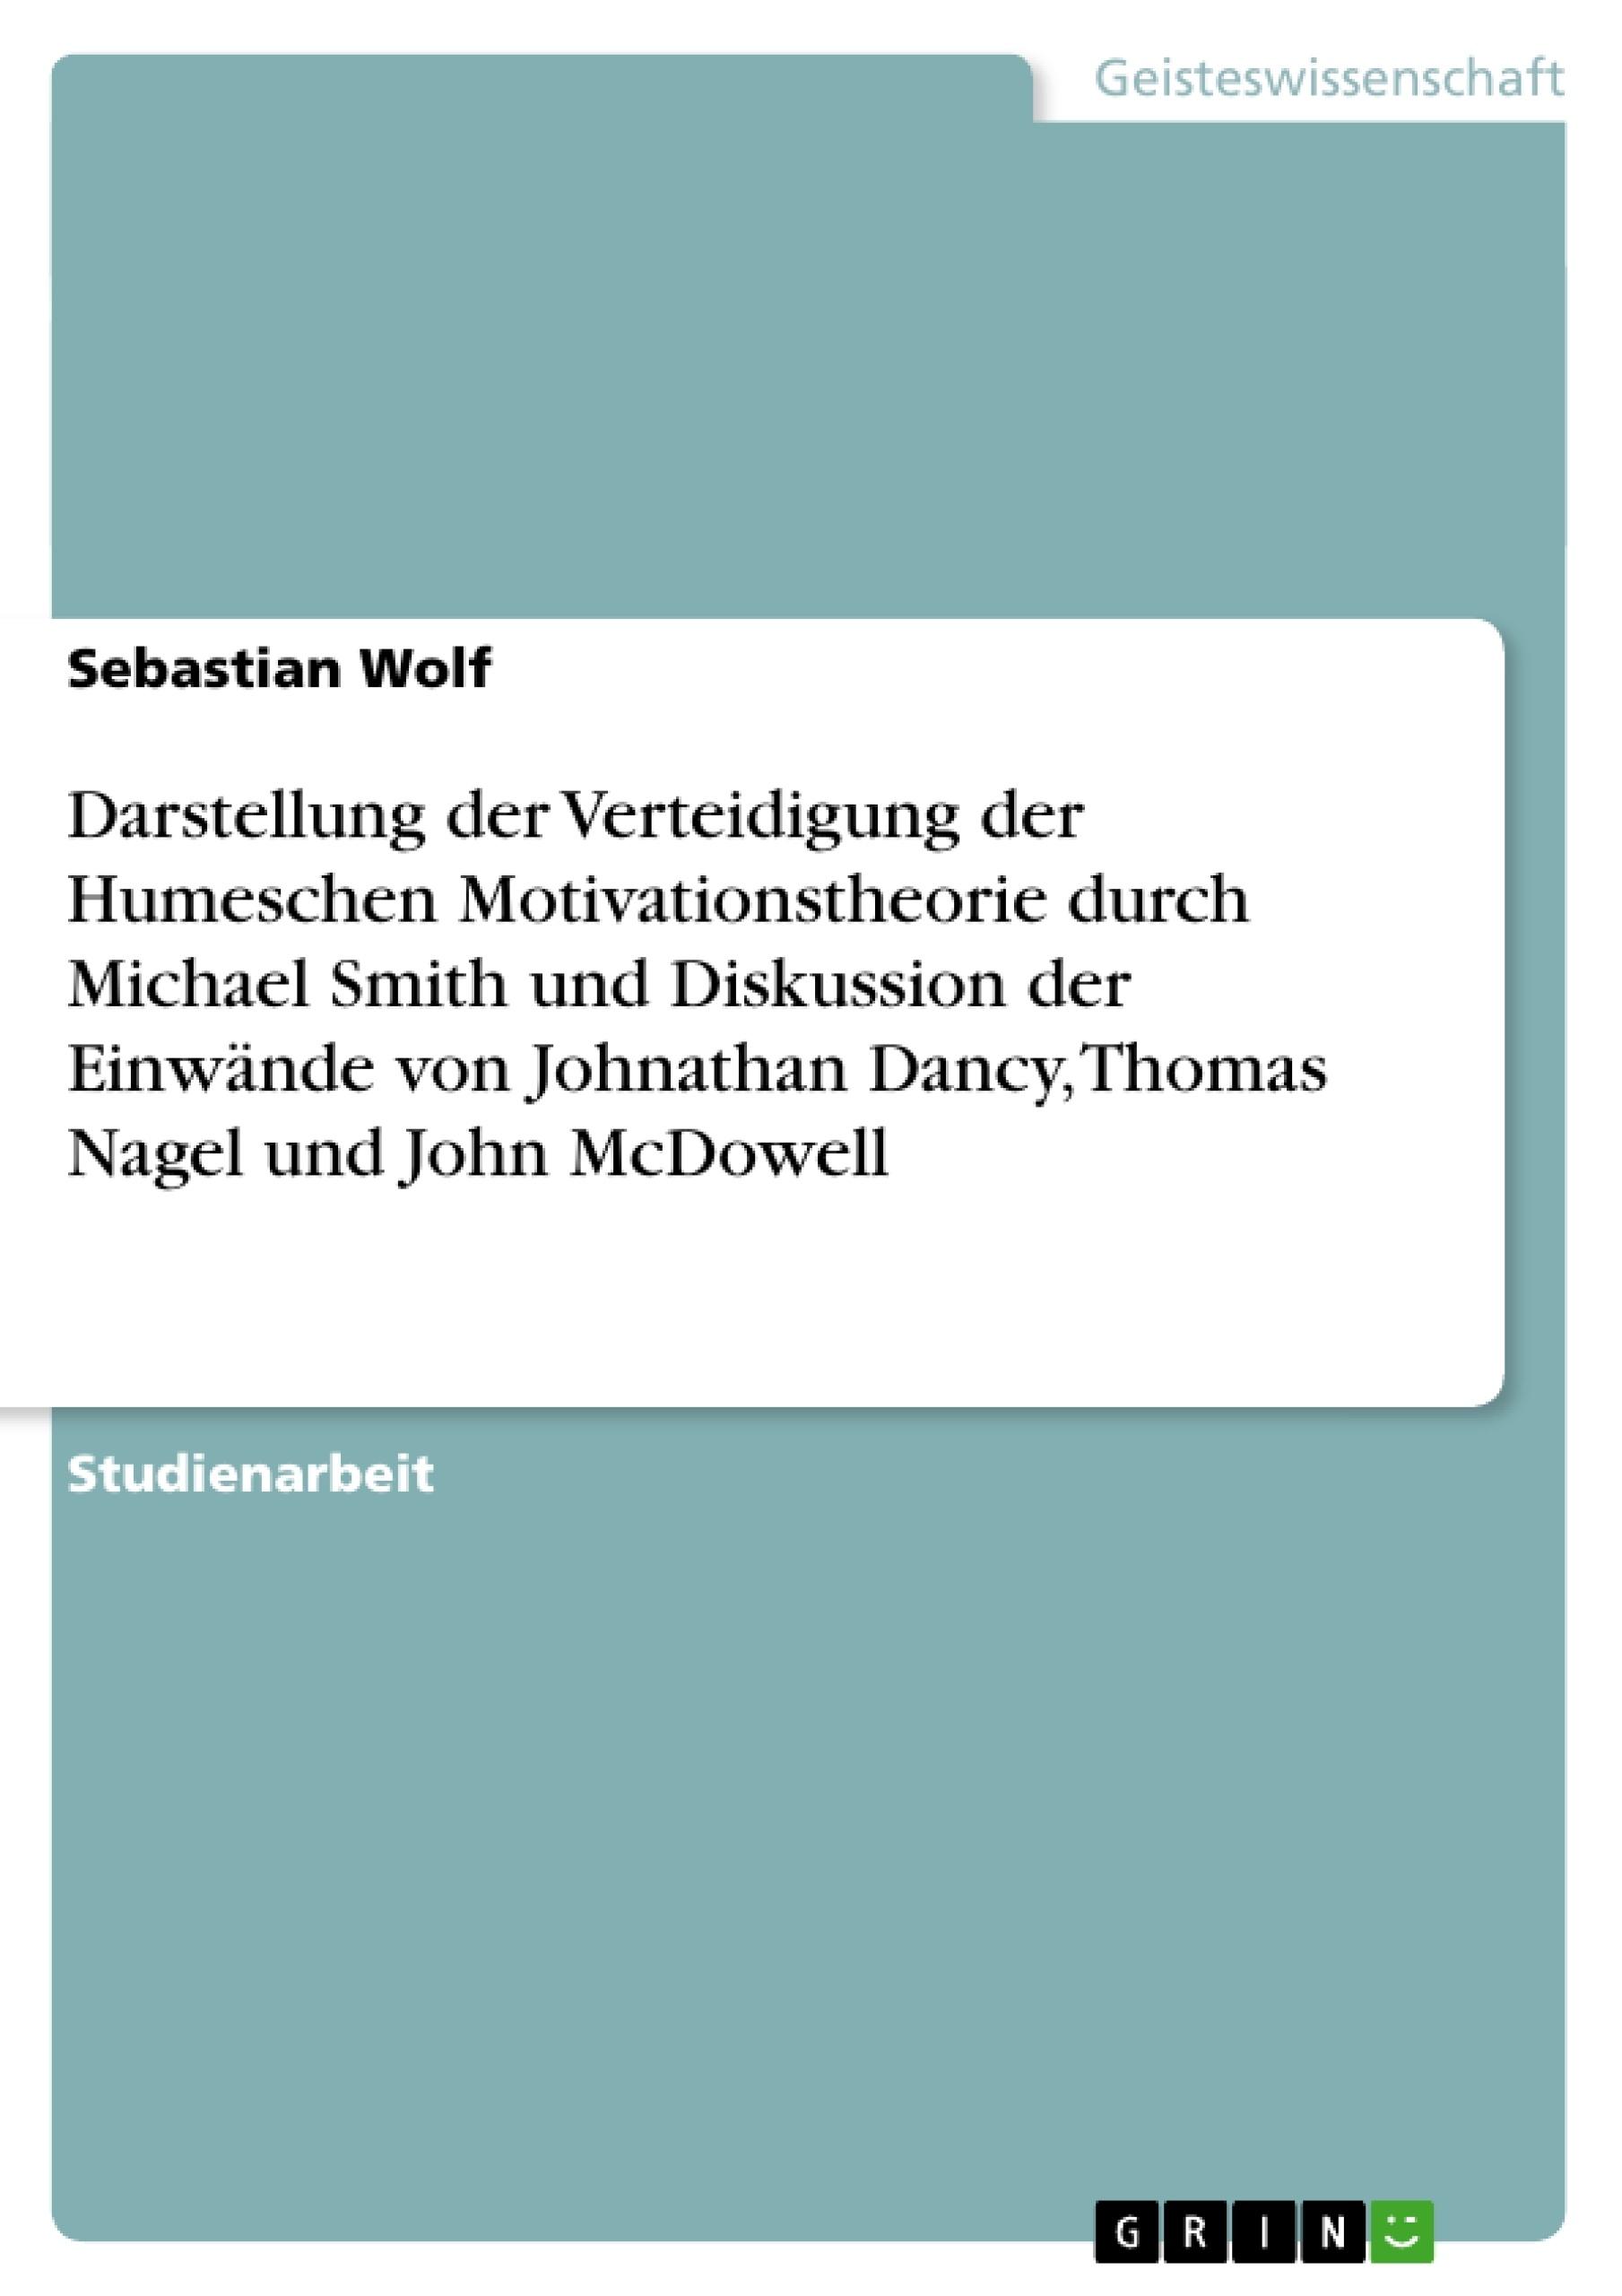 Titel: Darstellung der Verteidigung der Humeschen Motivationstheorie durch Michael Smith und Diskussion der Einwände von Johnathan Dancy, Thomas Nagel und John McDowell